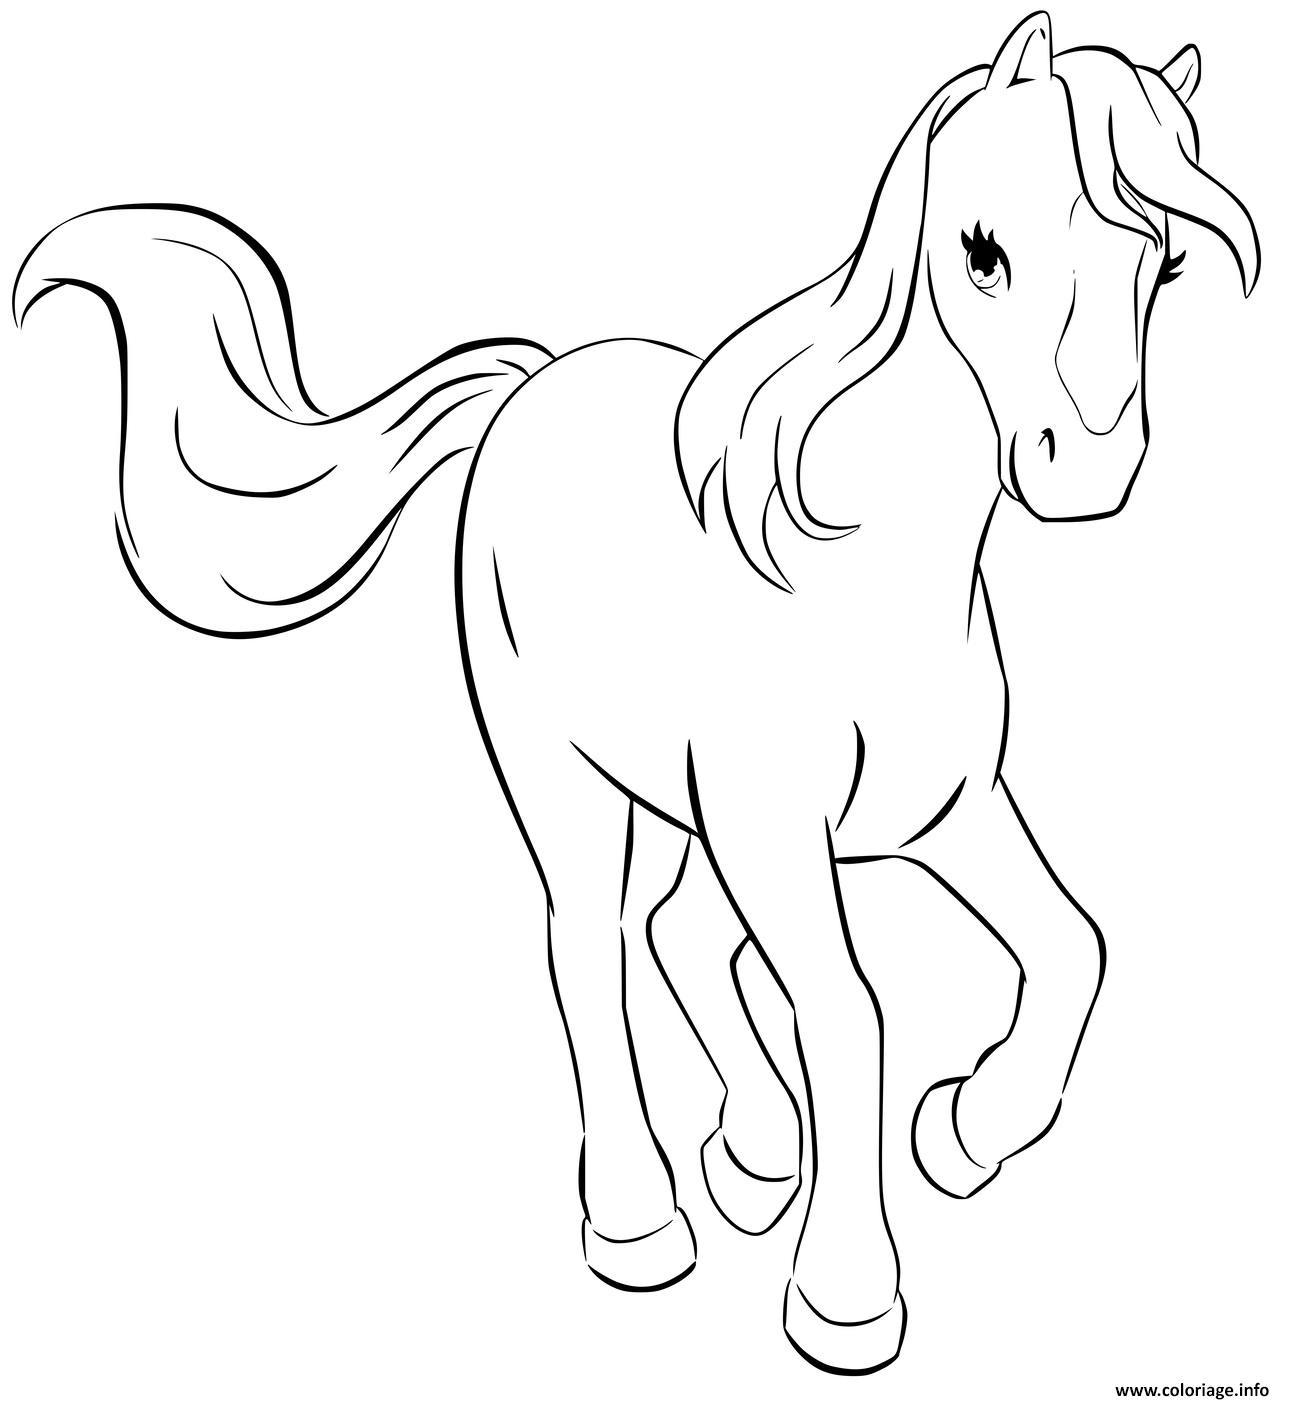 Dessin lego friends cheval Coloriage Gratuit à Imprimer